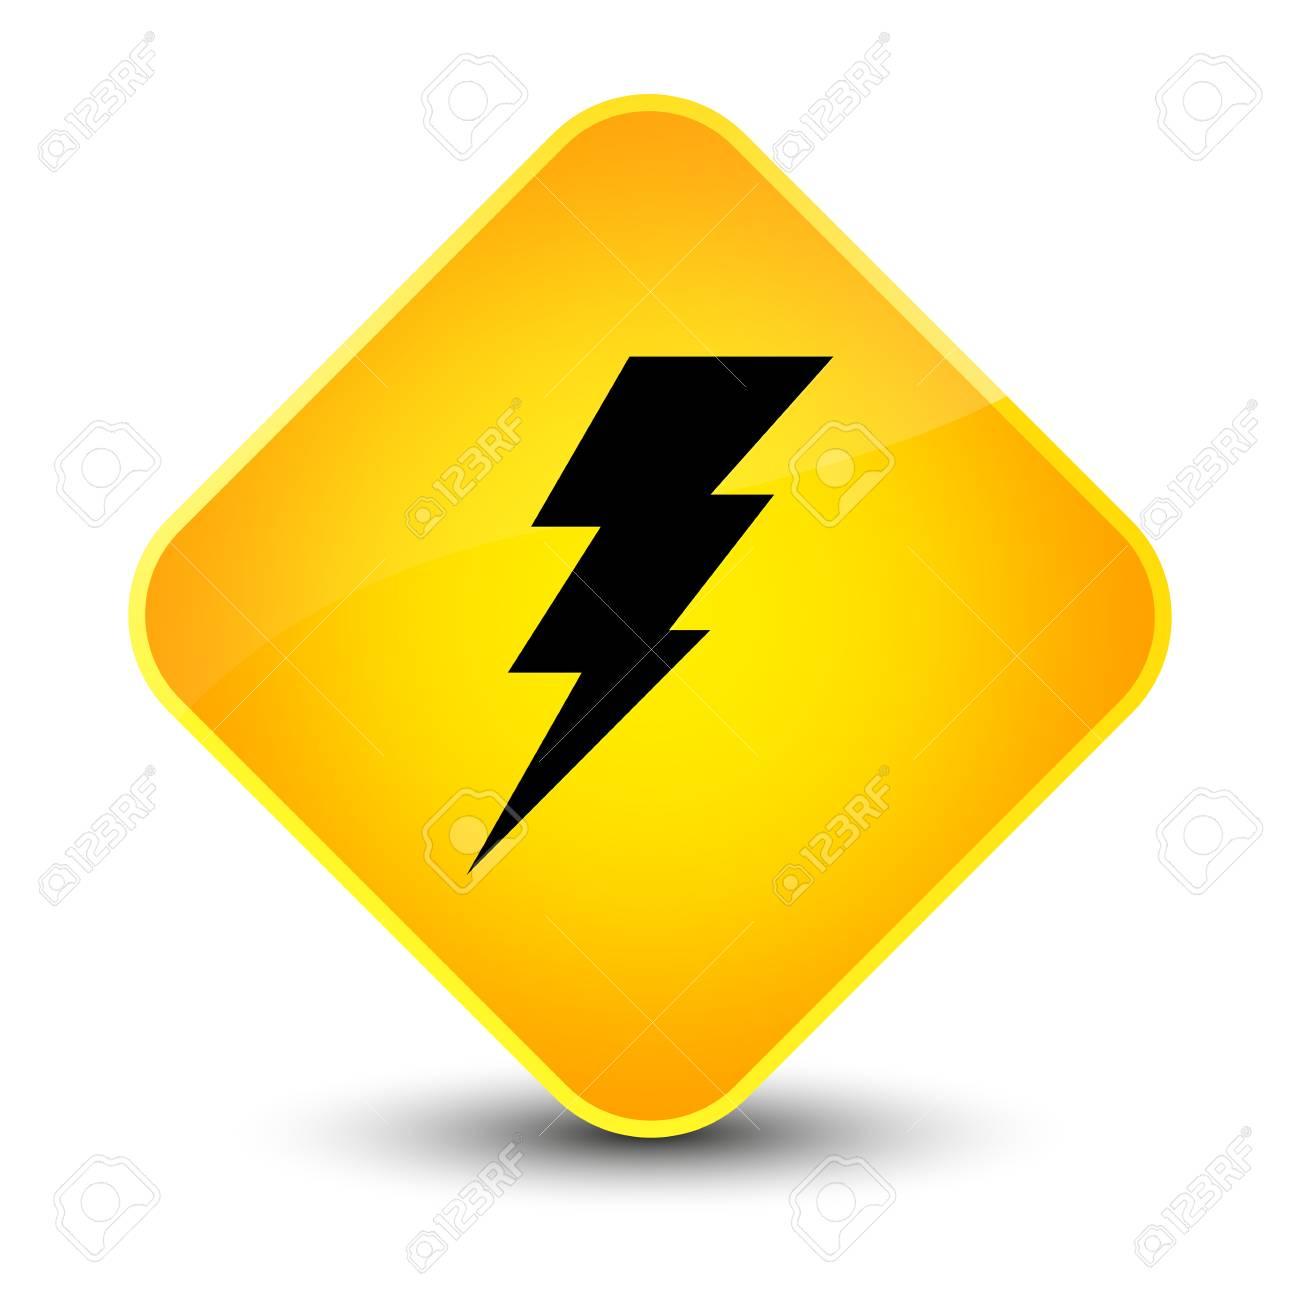 Elektrizität Symbol Isoliert Auf Eleganten Gelben Diamant ...